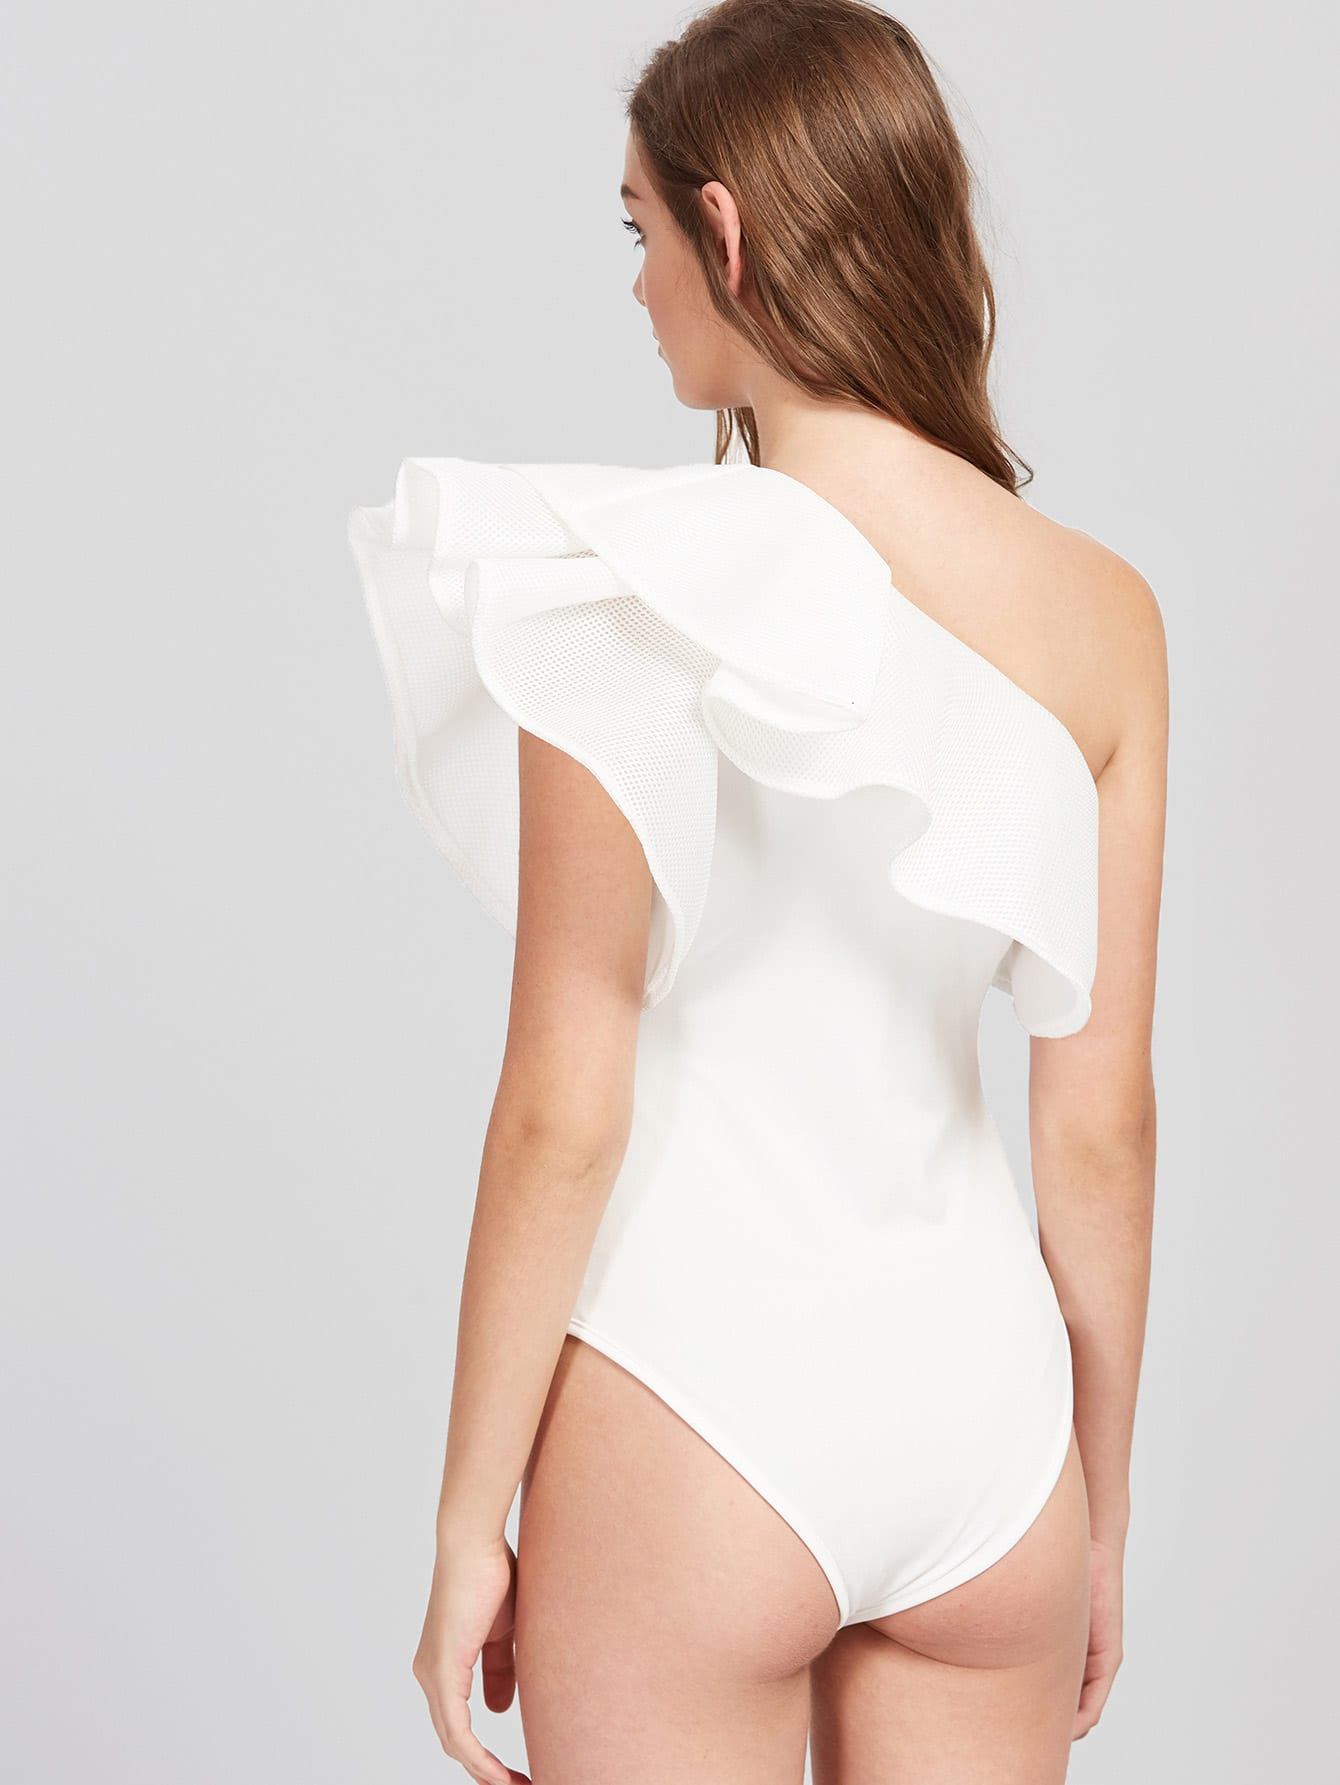 bodysuit170502301_2